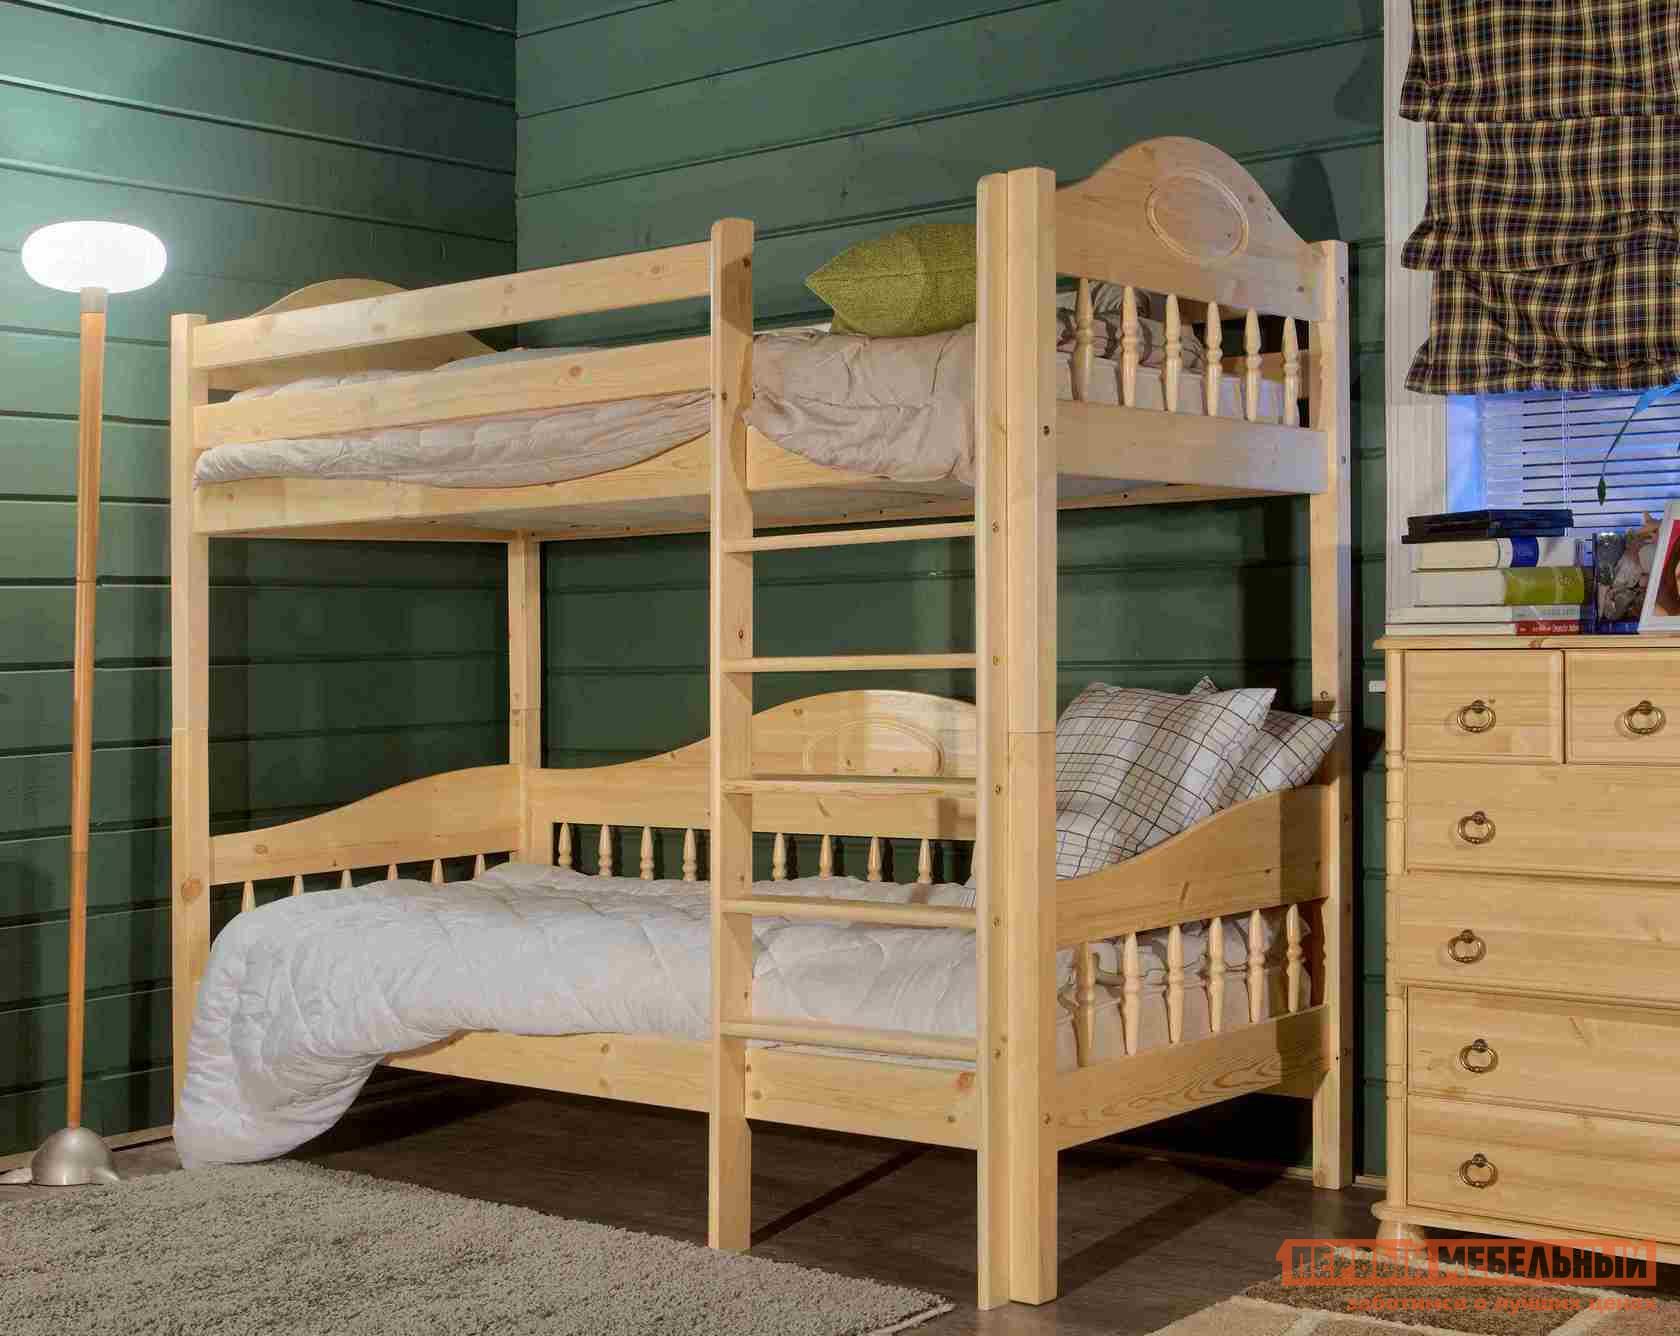 Двухъярусная кровать Timberica Кровать 2-ярусная Фрея (F3) интерьерная кровать фрея